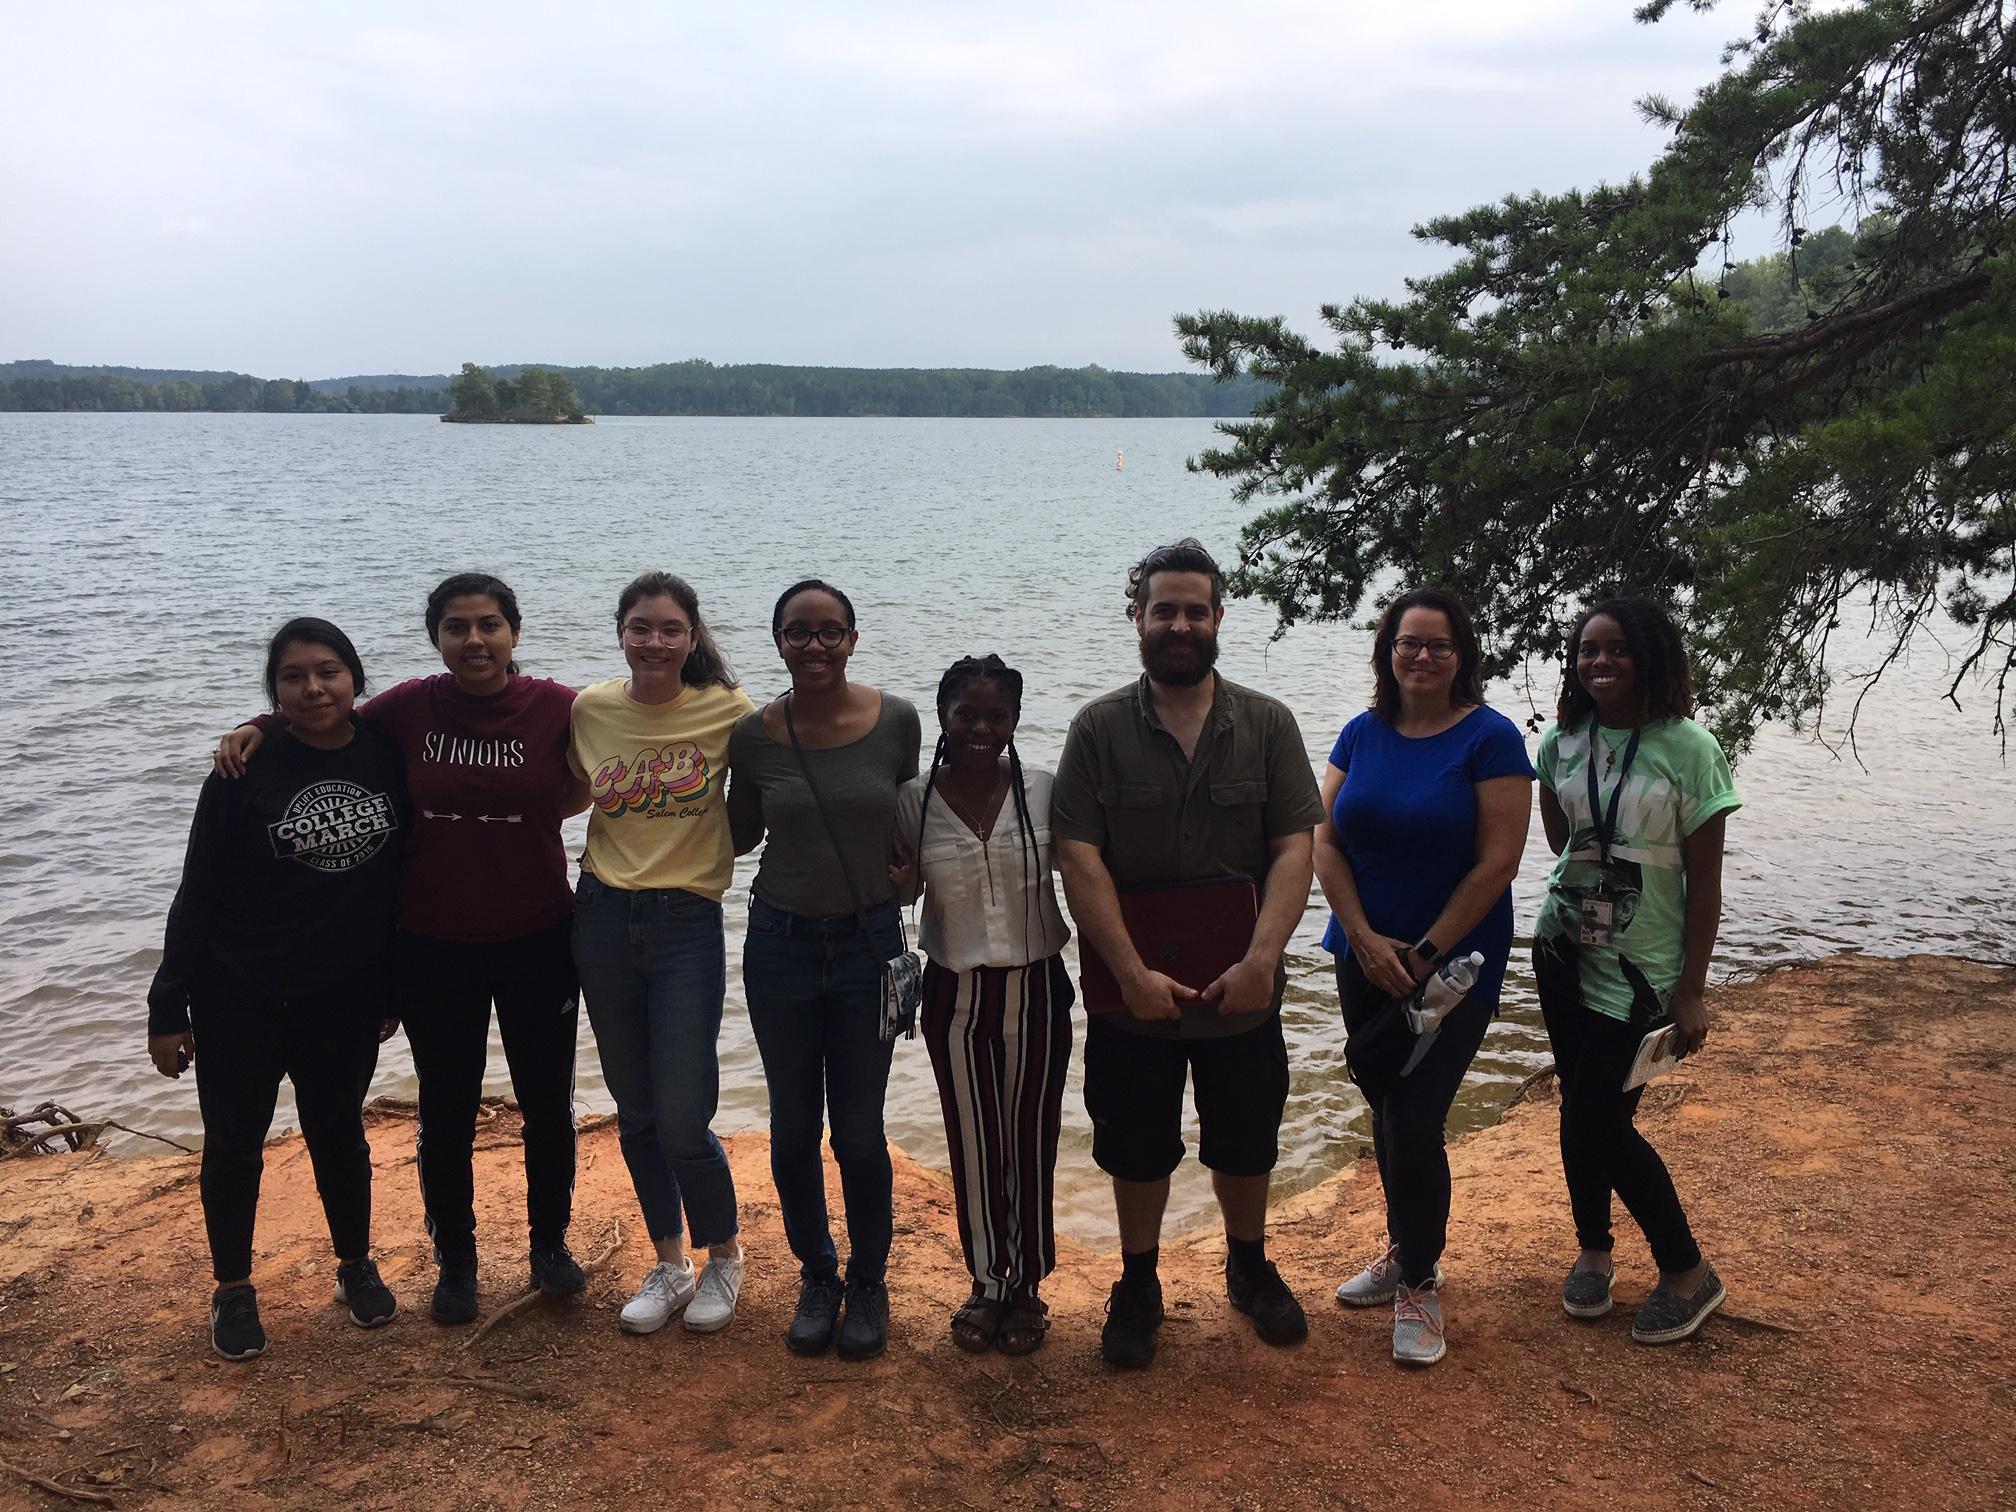 Salem College at Belews Lake